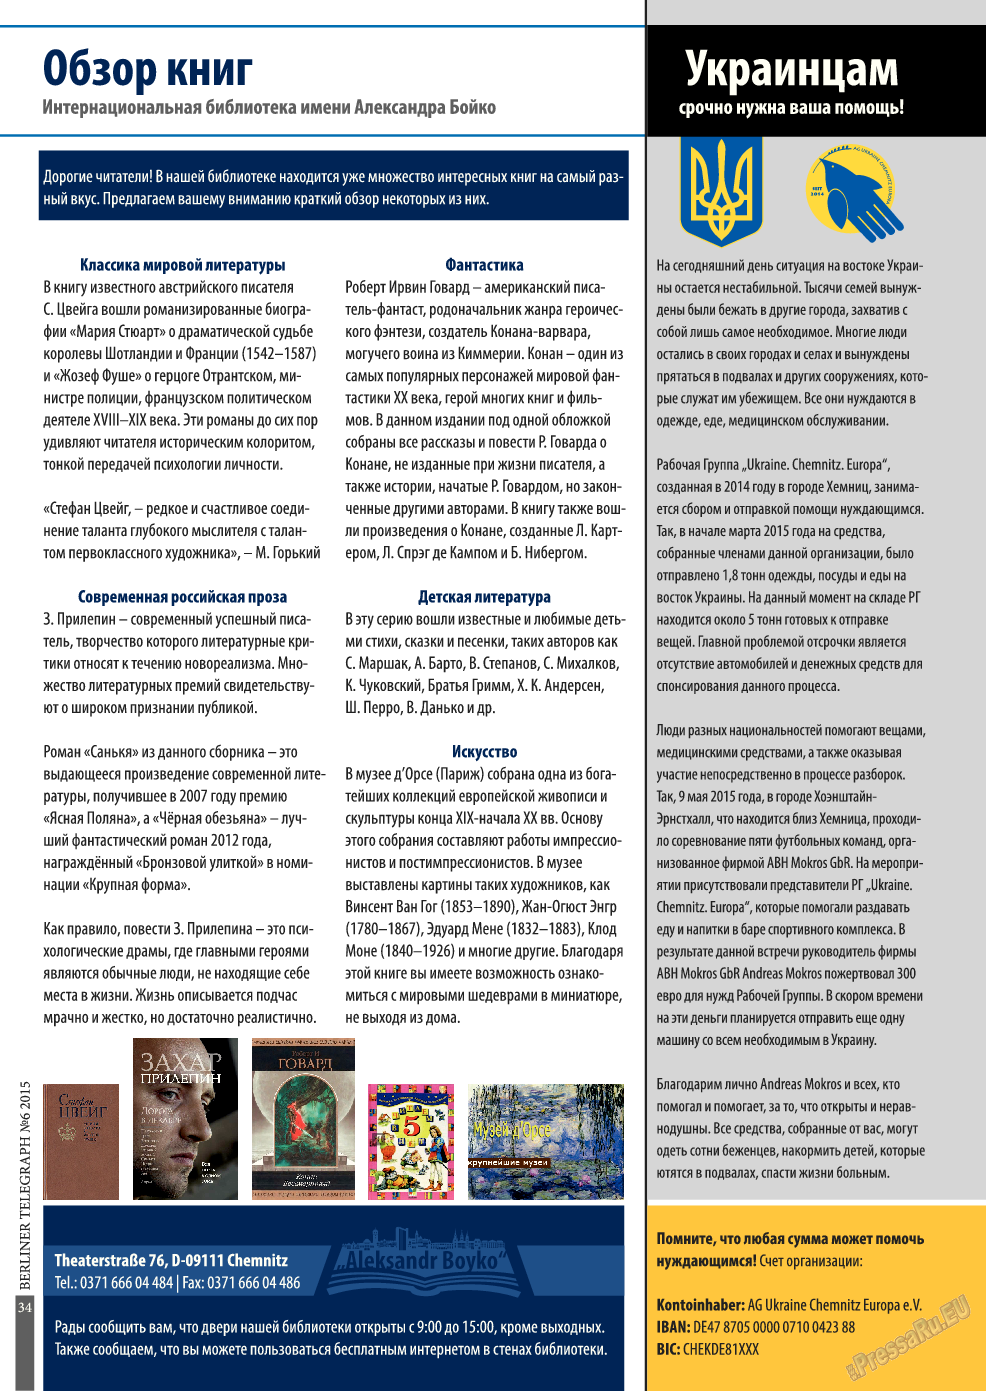 Берлинский телеграф (журнал). 2015 год, номер 6, стр. 34